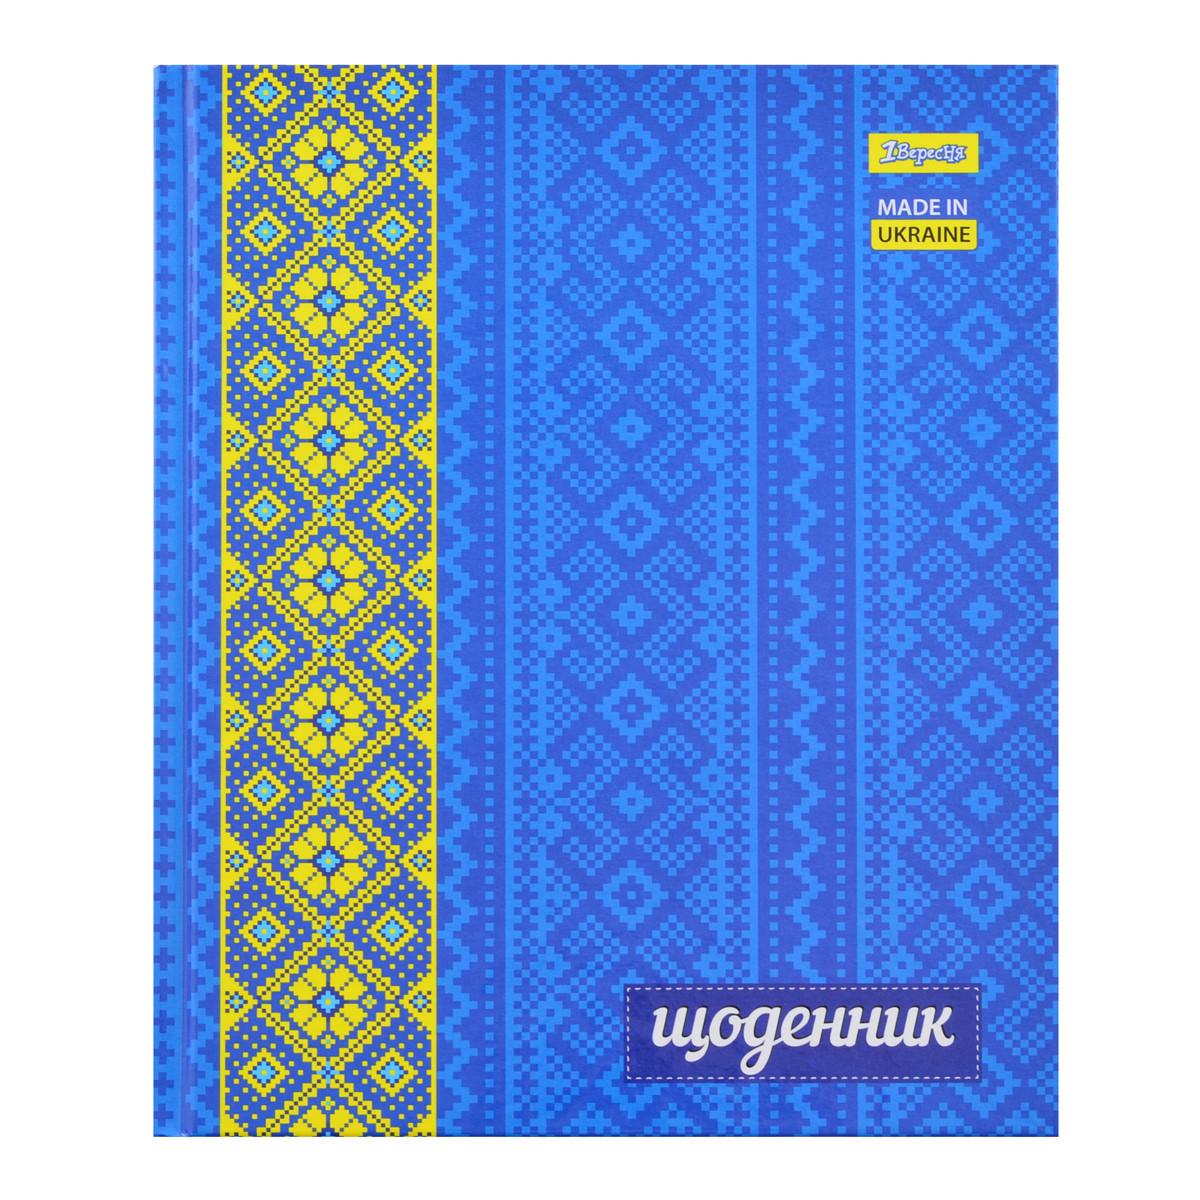 Щоденник Шкільний Жорсткий (UA) Вишиванка